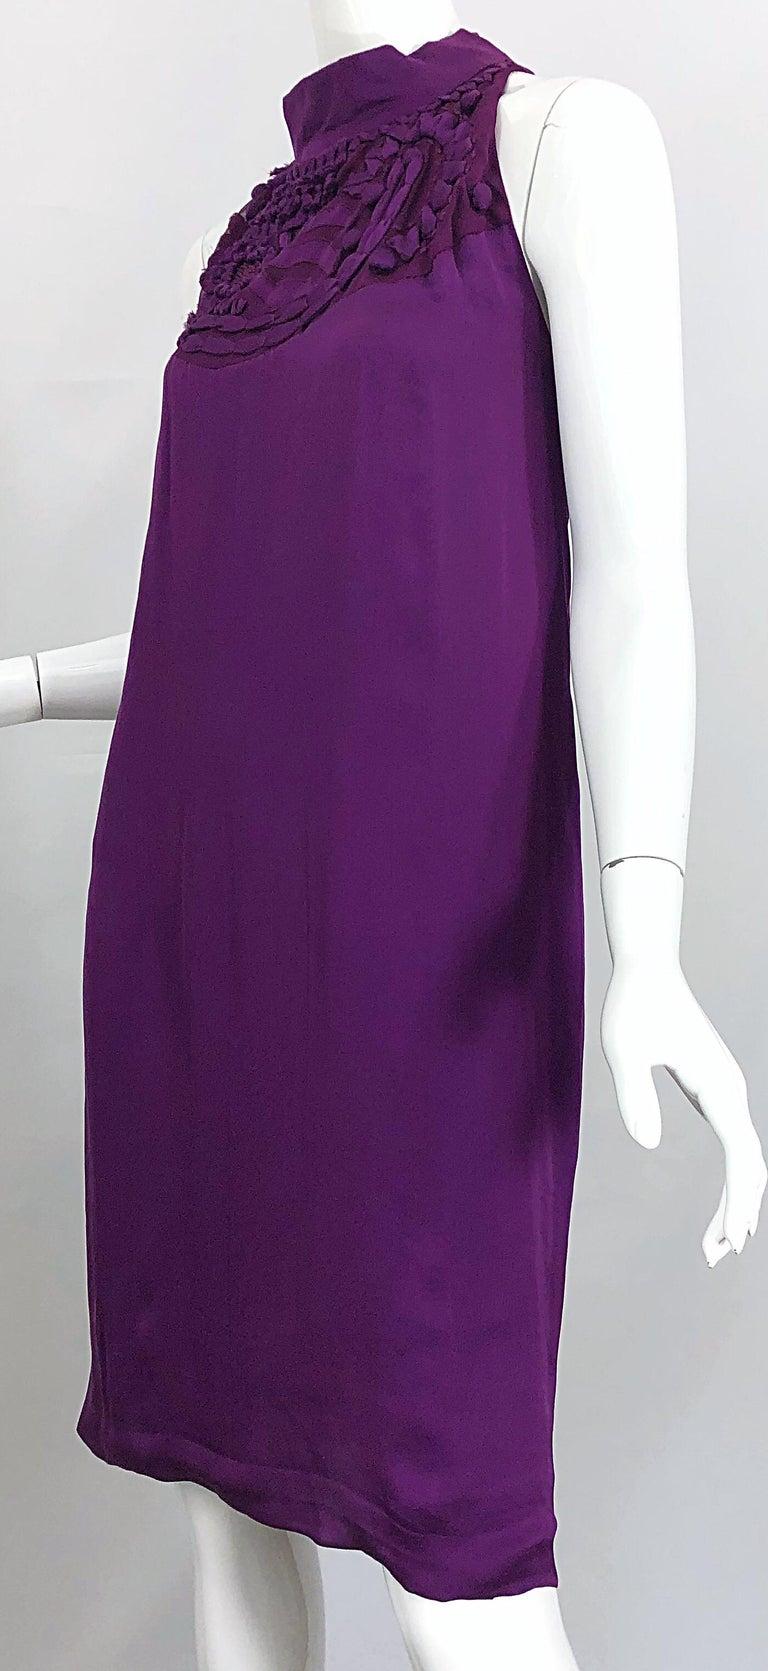 Yves Saint Laurent A / W 2007 Purple Silk Size 40 / US 8 YSL Rive Gauche Dress For Sale 5